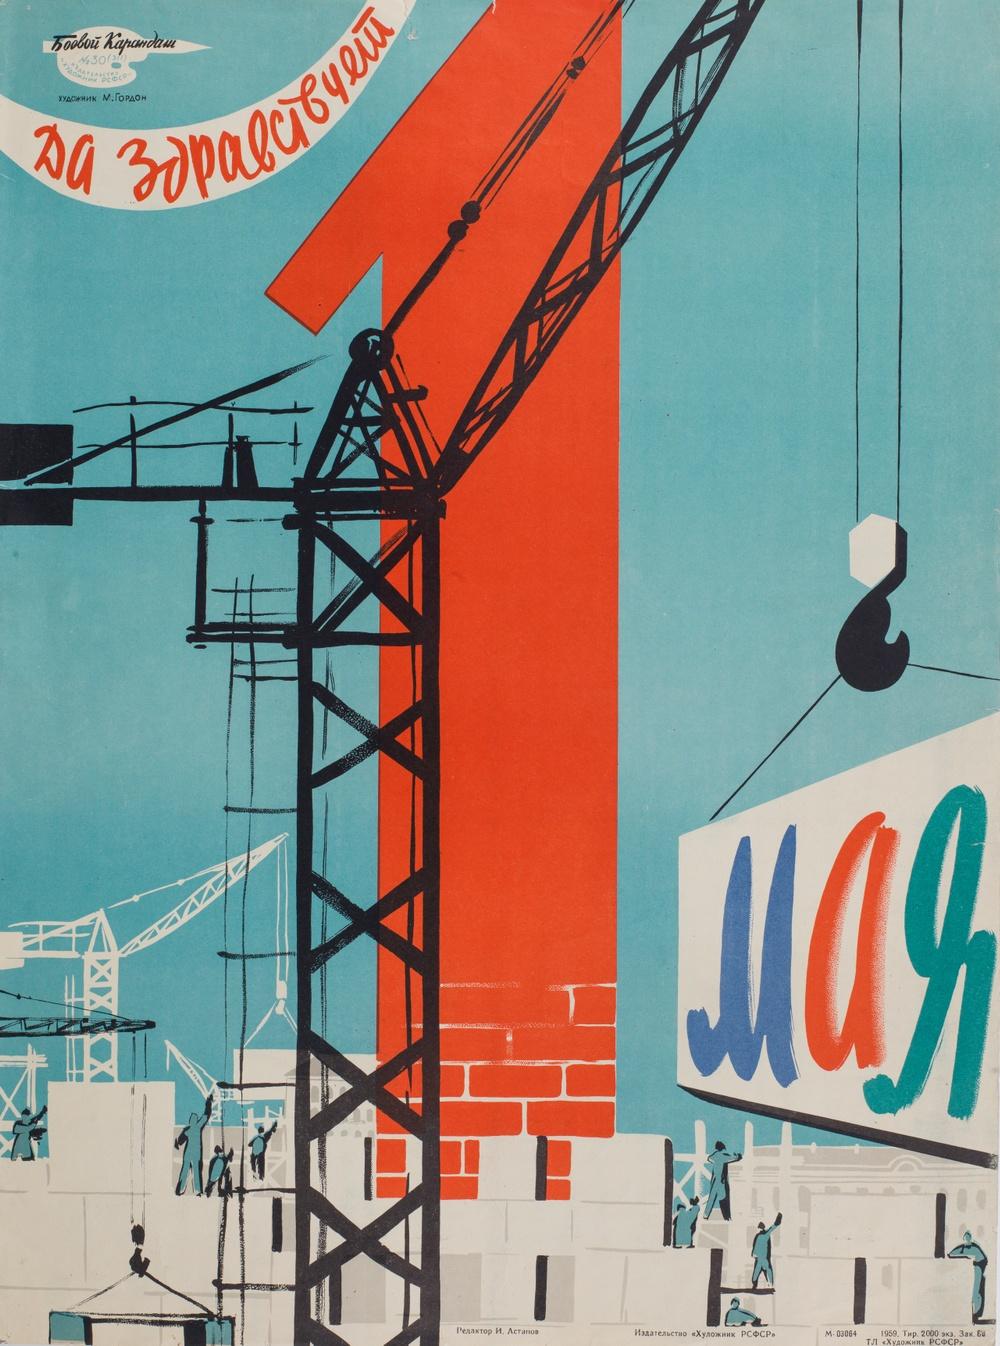 M. Gordo. Long live the 1st of May!, 1959. Poster, Soviet Union. Bilden av den flygande betongen var återkommande under 1950- och 60-talen. Dess kulturella genomslag och spridning porträtteras i utställningen genom affischkonst, målningar, filmer, leksaker, serieteckningar och operascenografi.